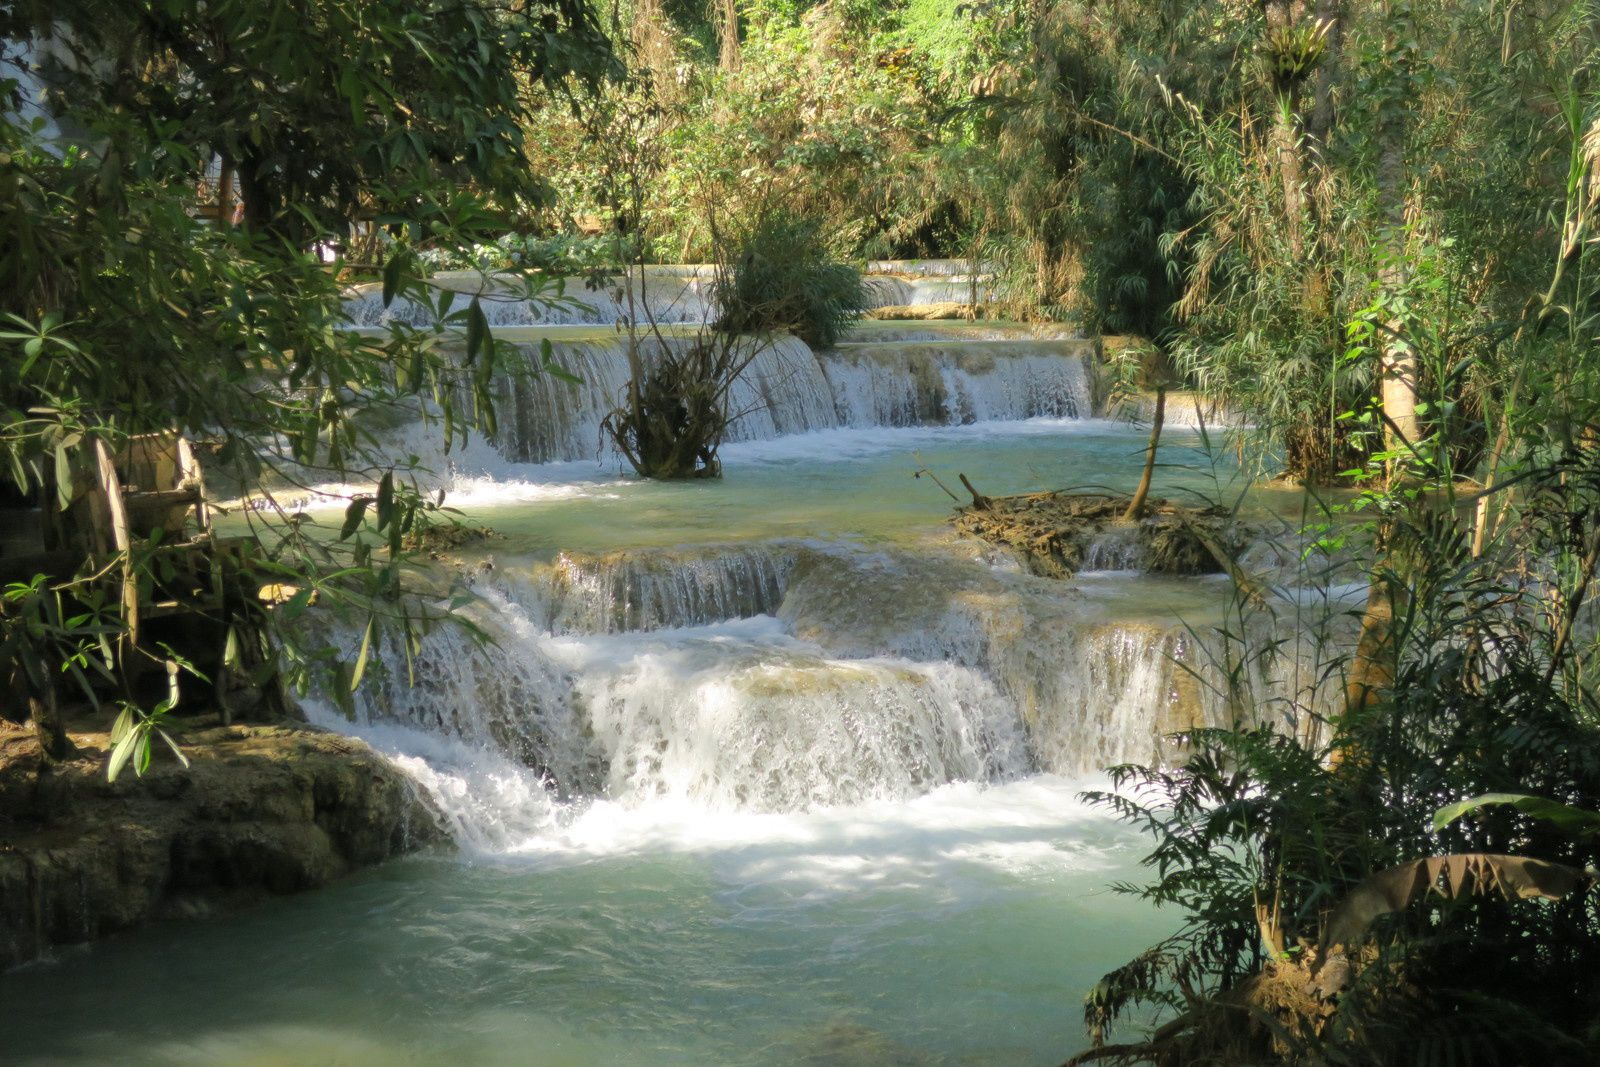 Les magnifiques chutes d'eau de LUANG PRABANG